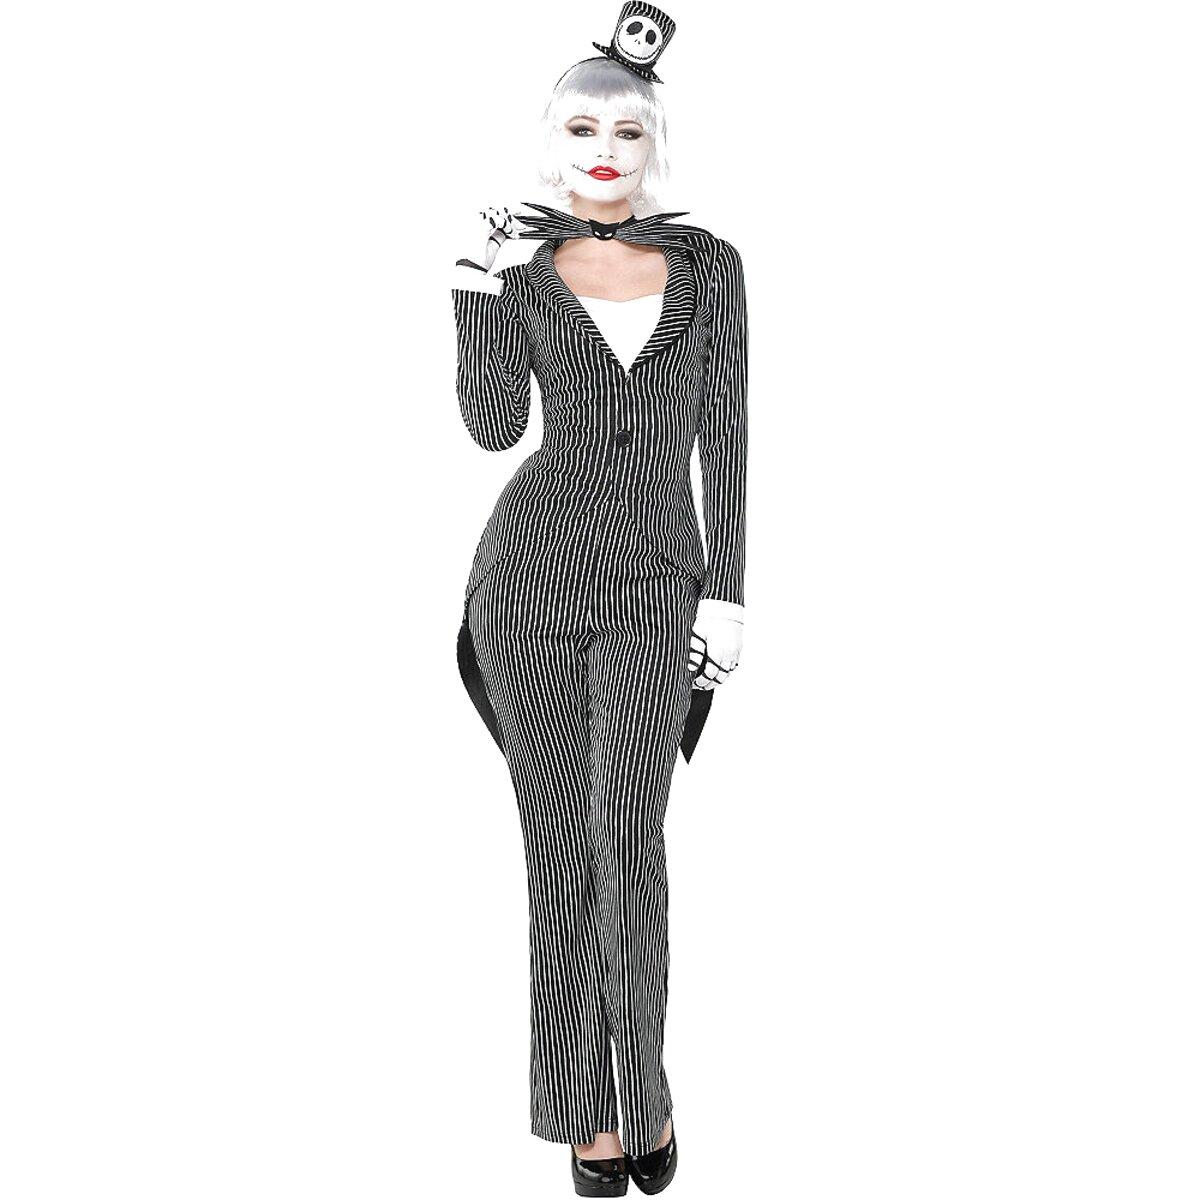 jack skellington dress for sale